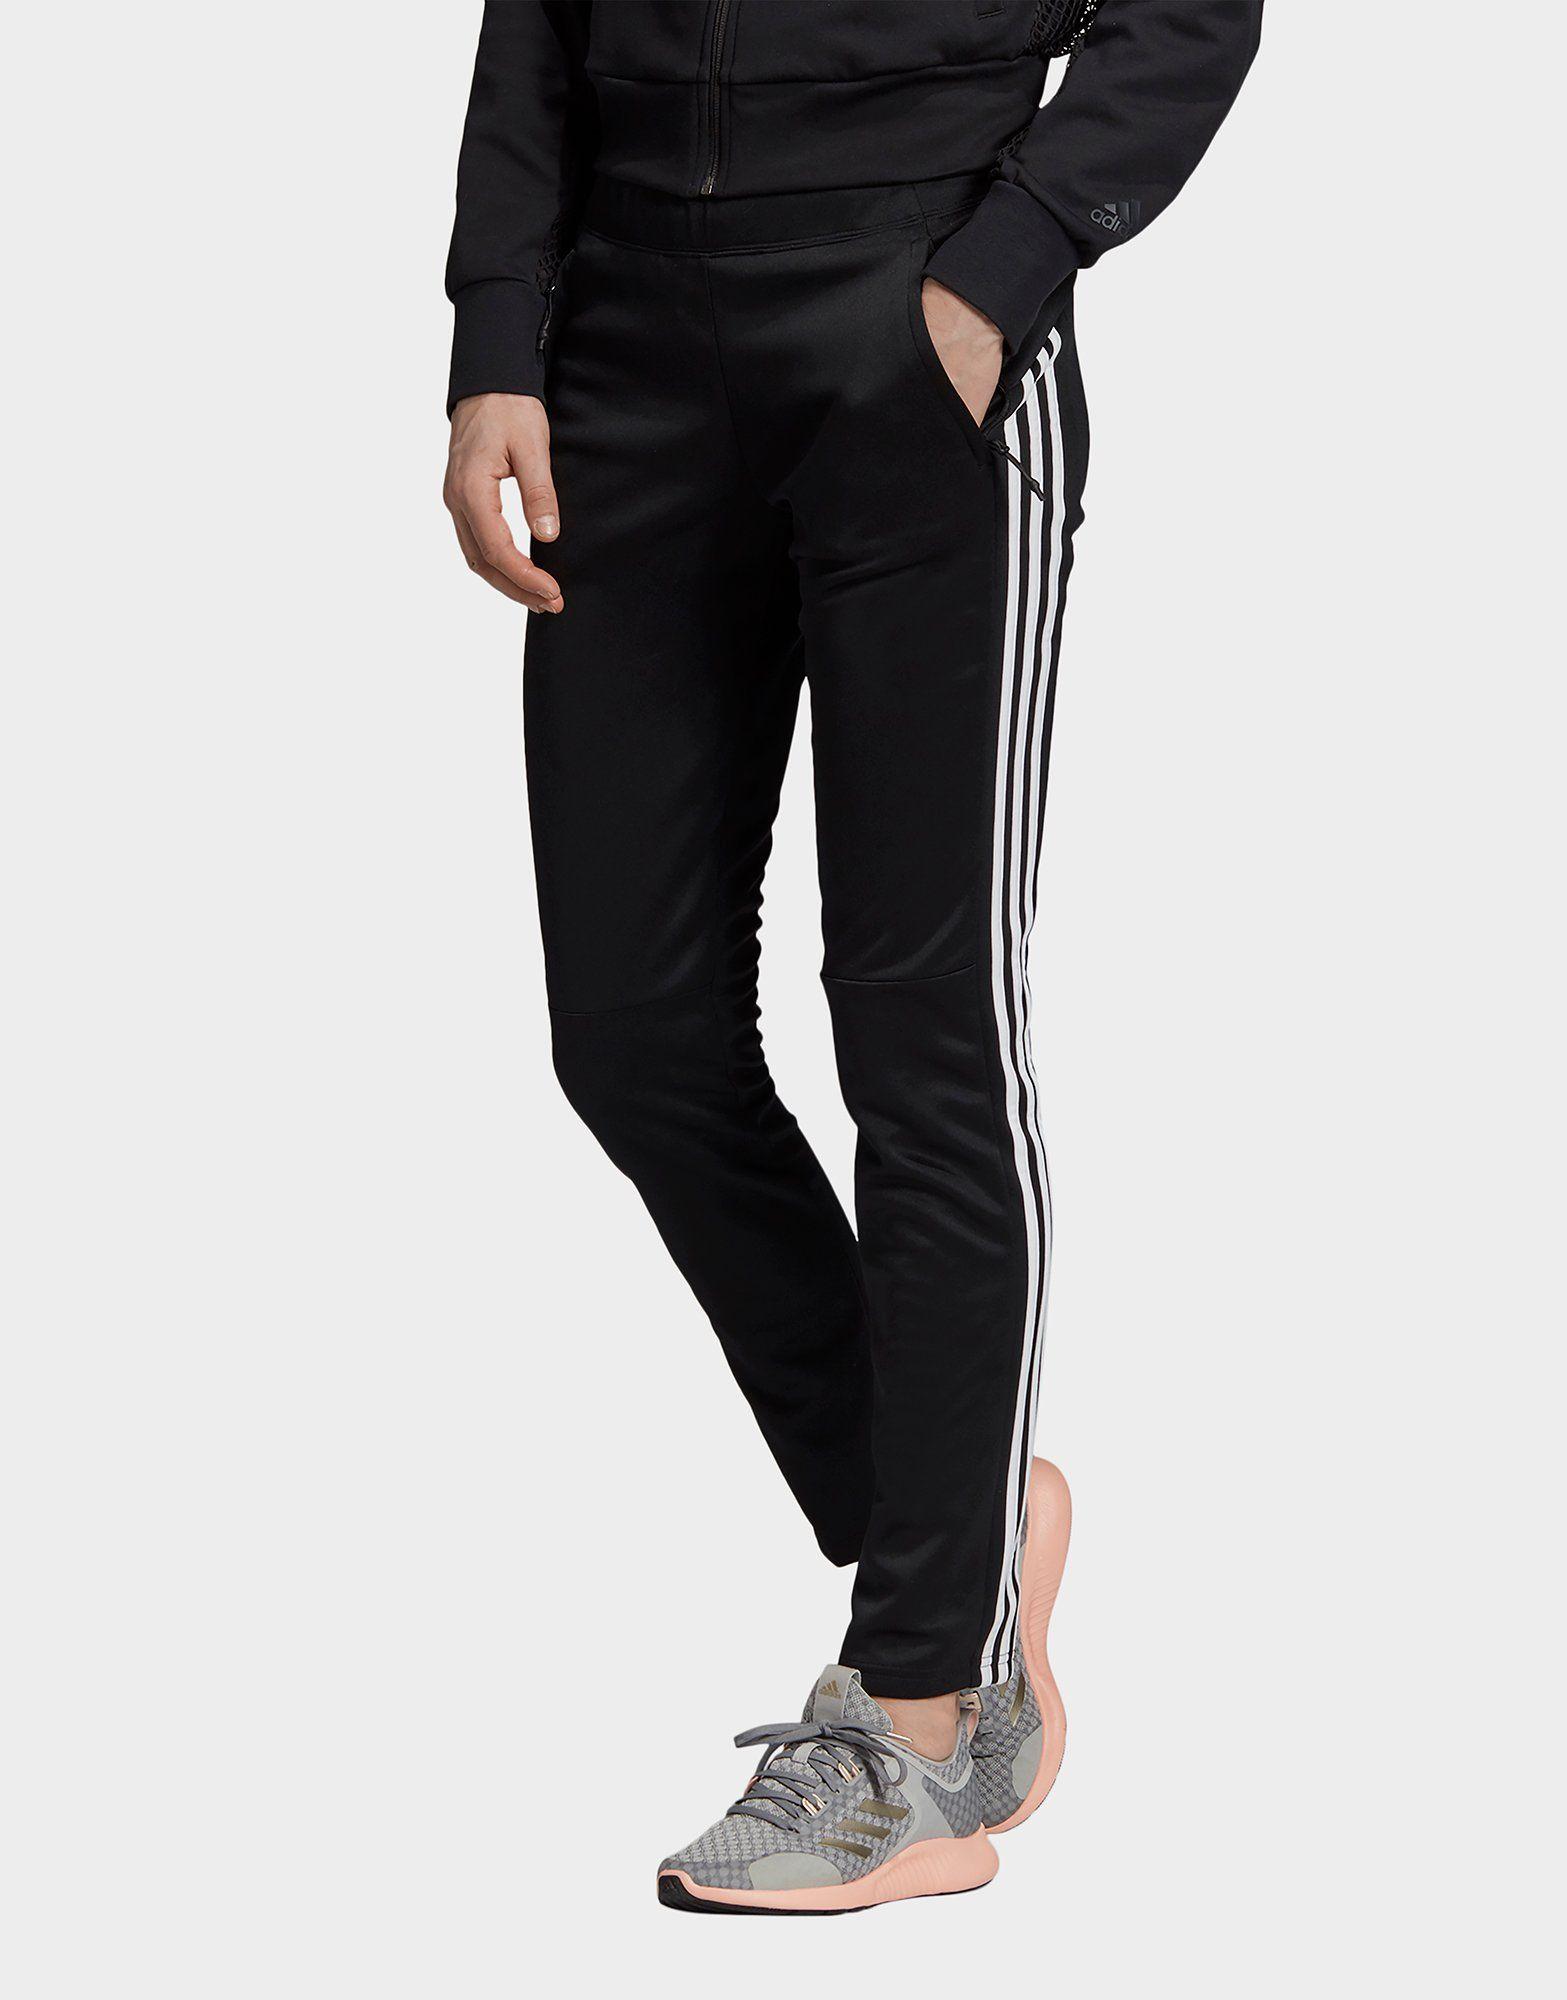 86f71cfced adidas Athletics ID 3-Stripes Skinny Joggers | JD Sports